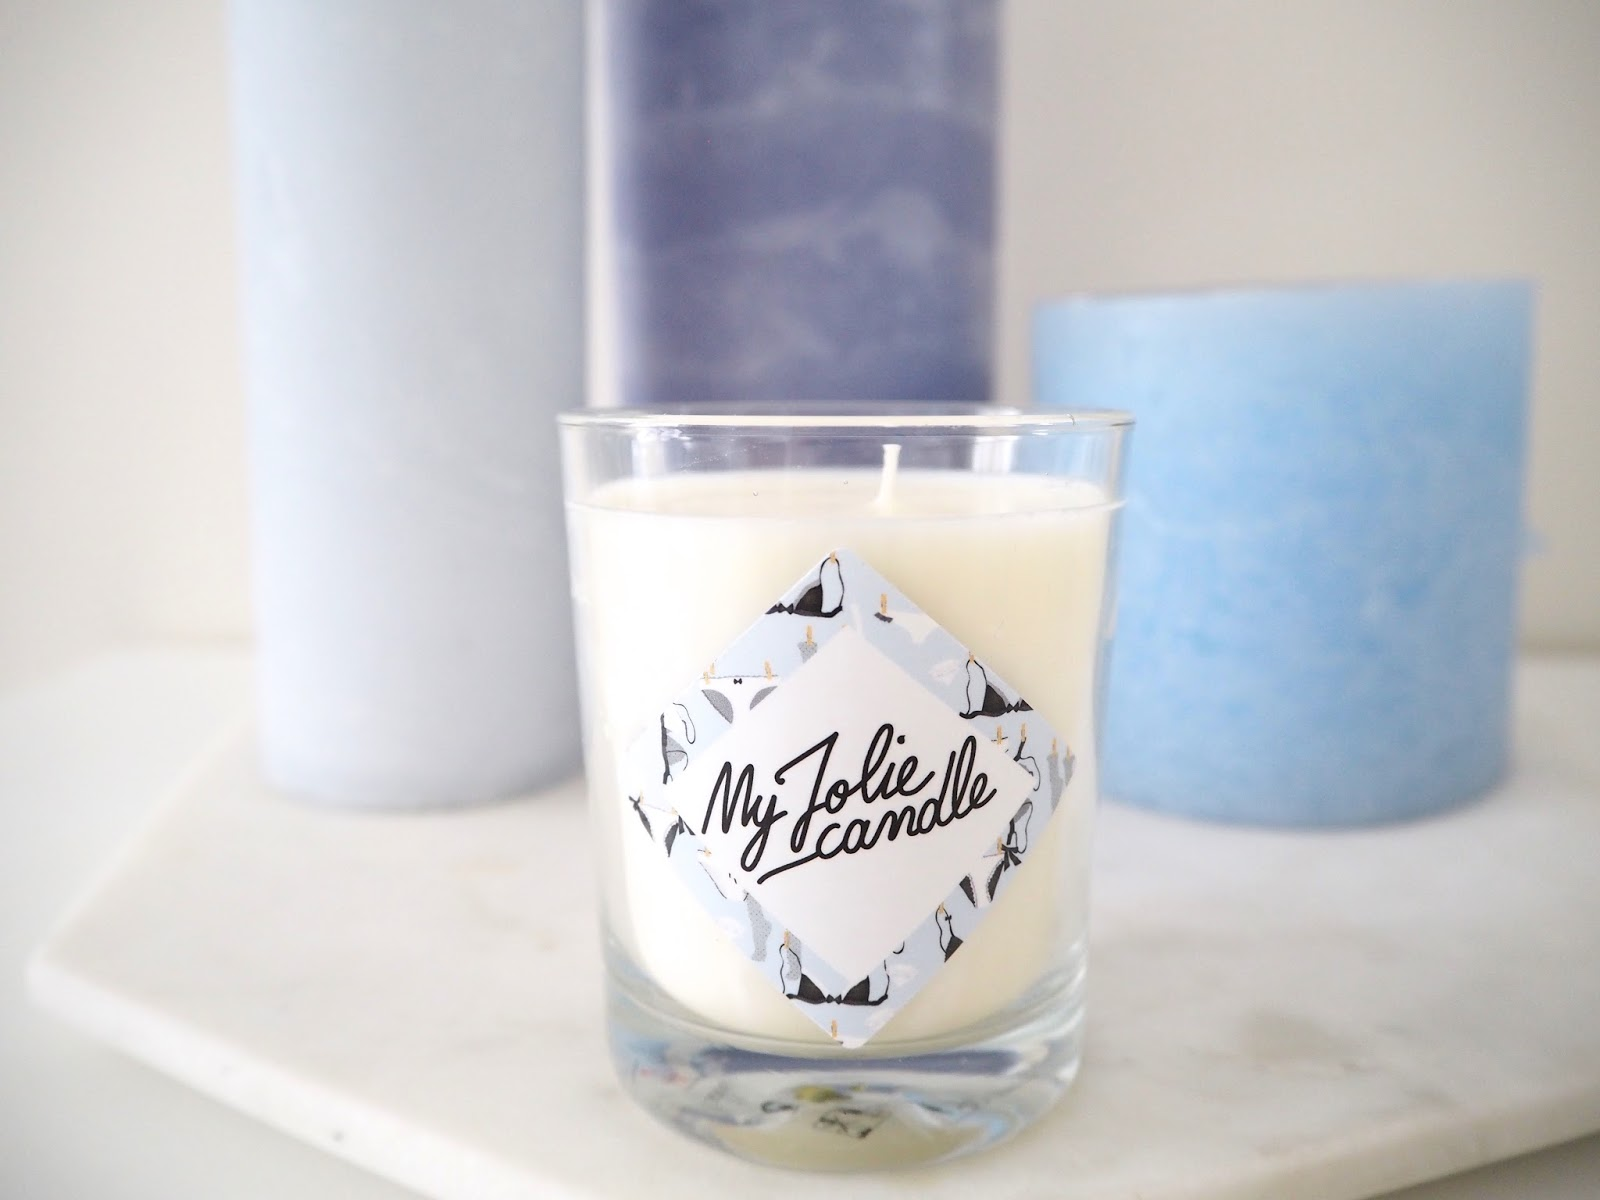 linge frais my jolie candle